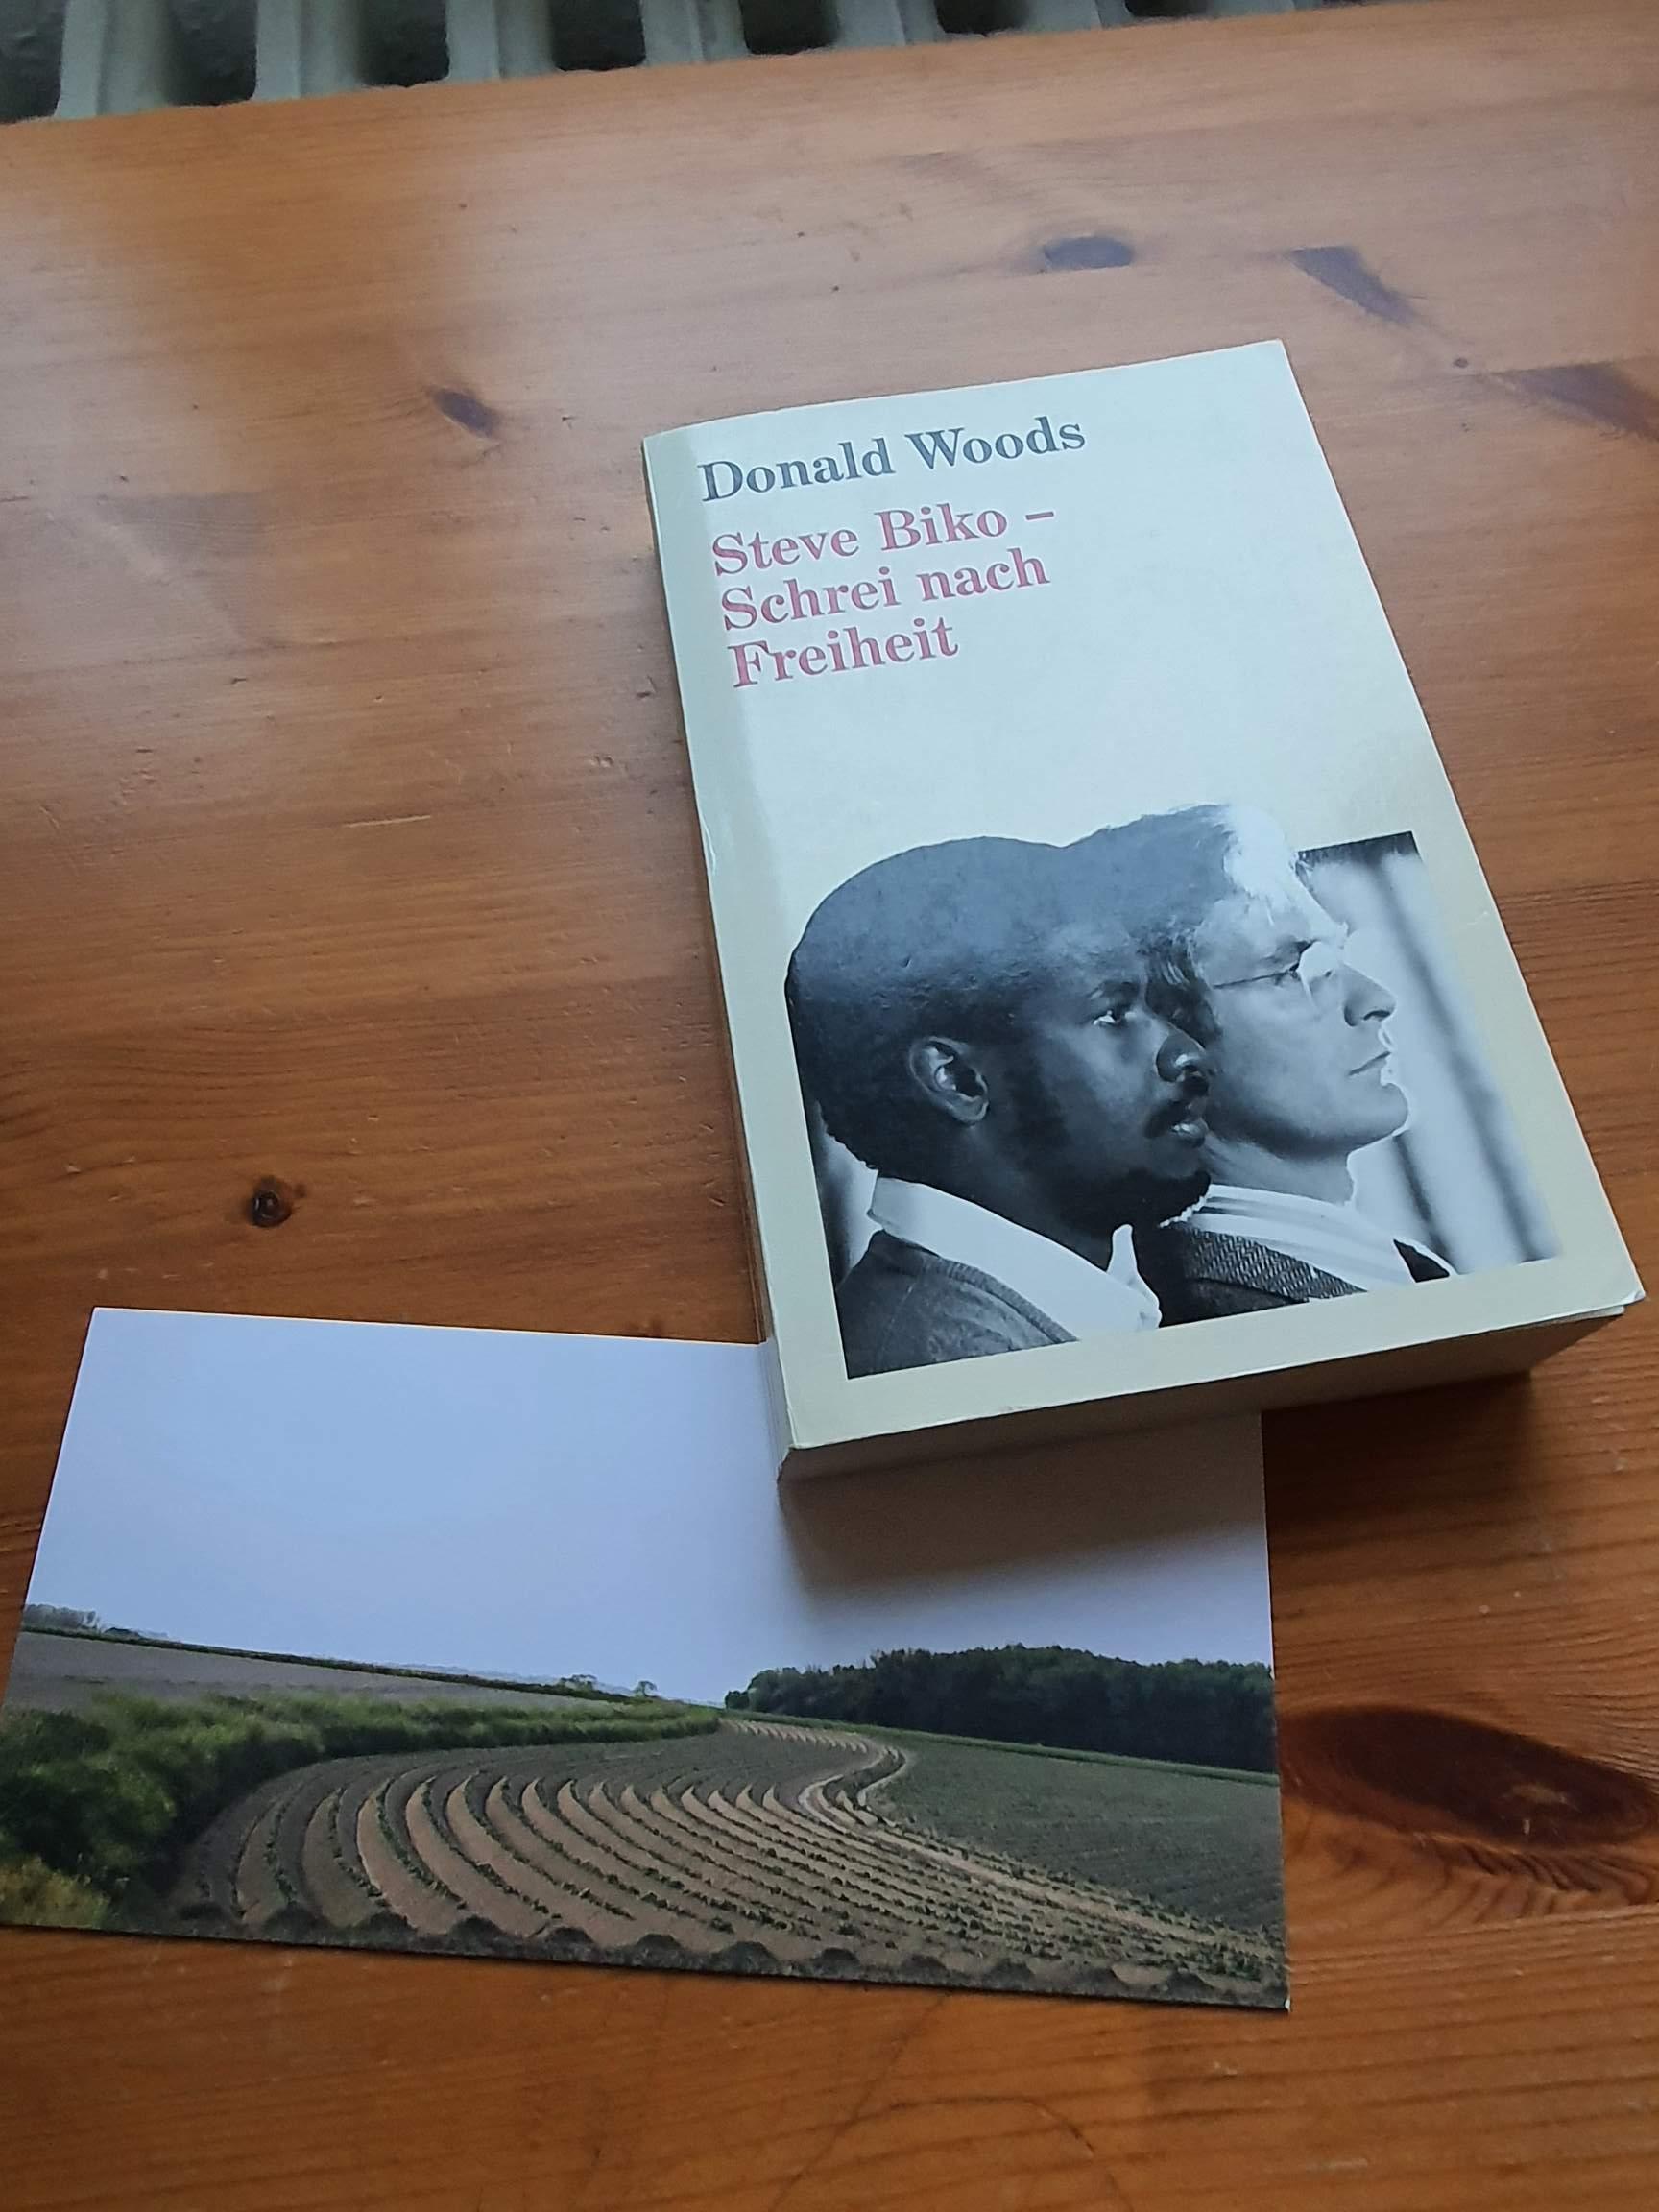 Donald Woods: Biko - Schrei nach Freiheit